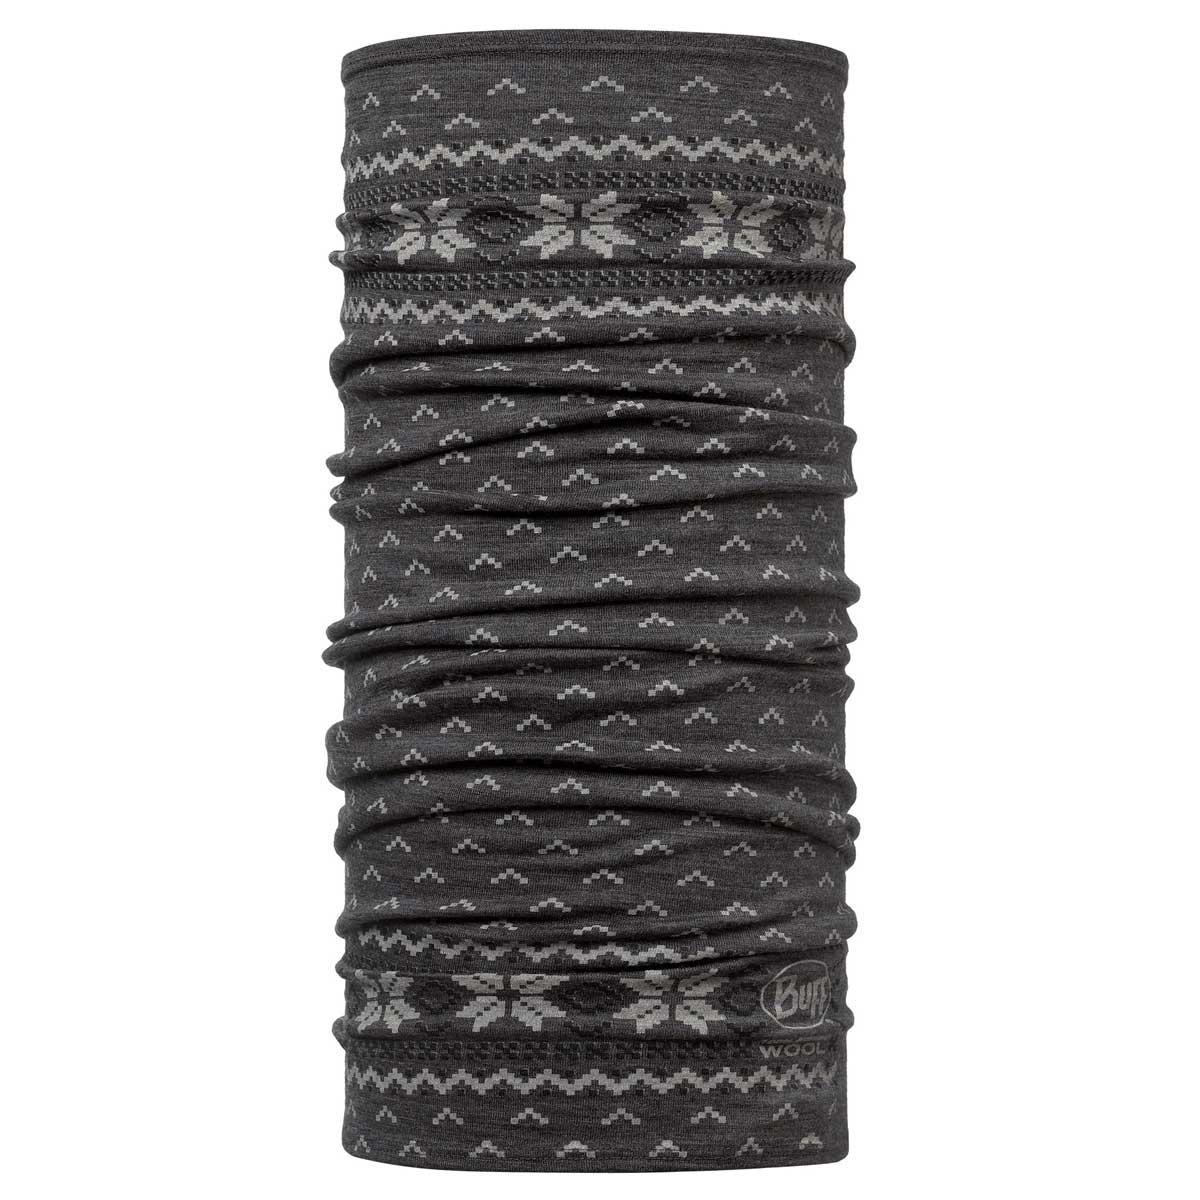 Buff Merino Wool Neck Gaiter